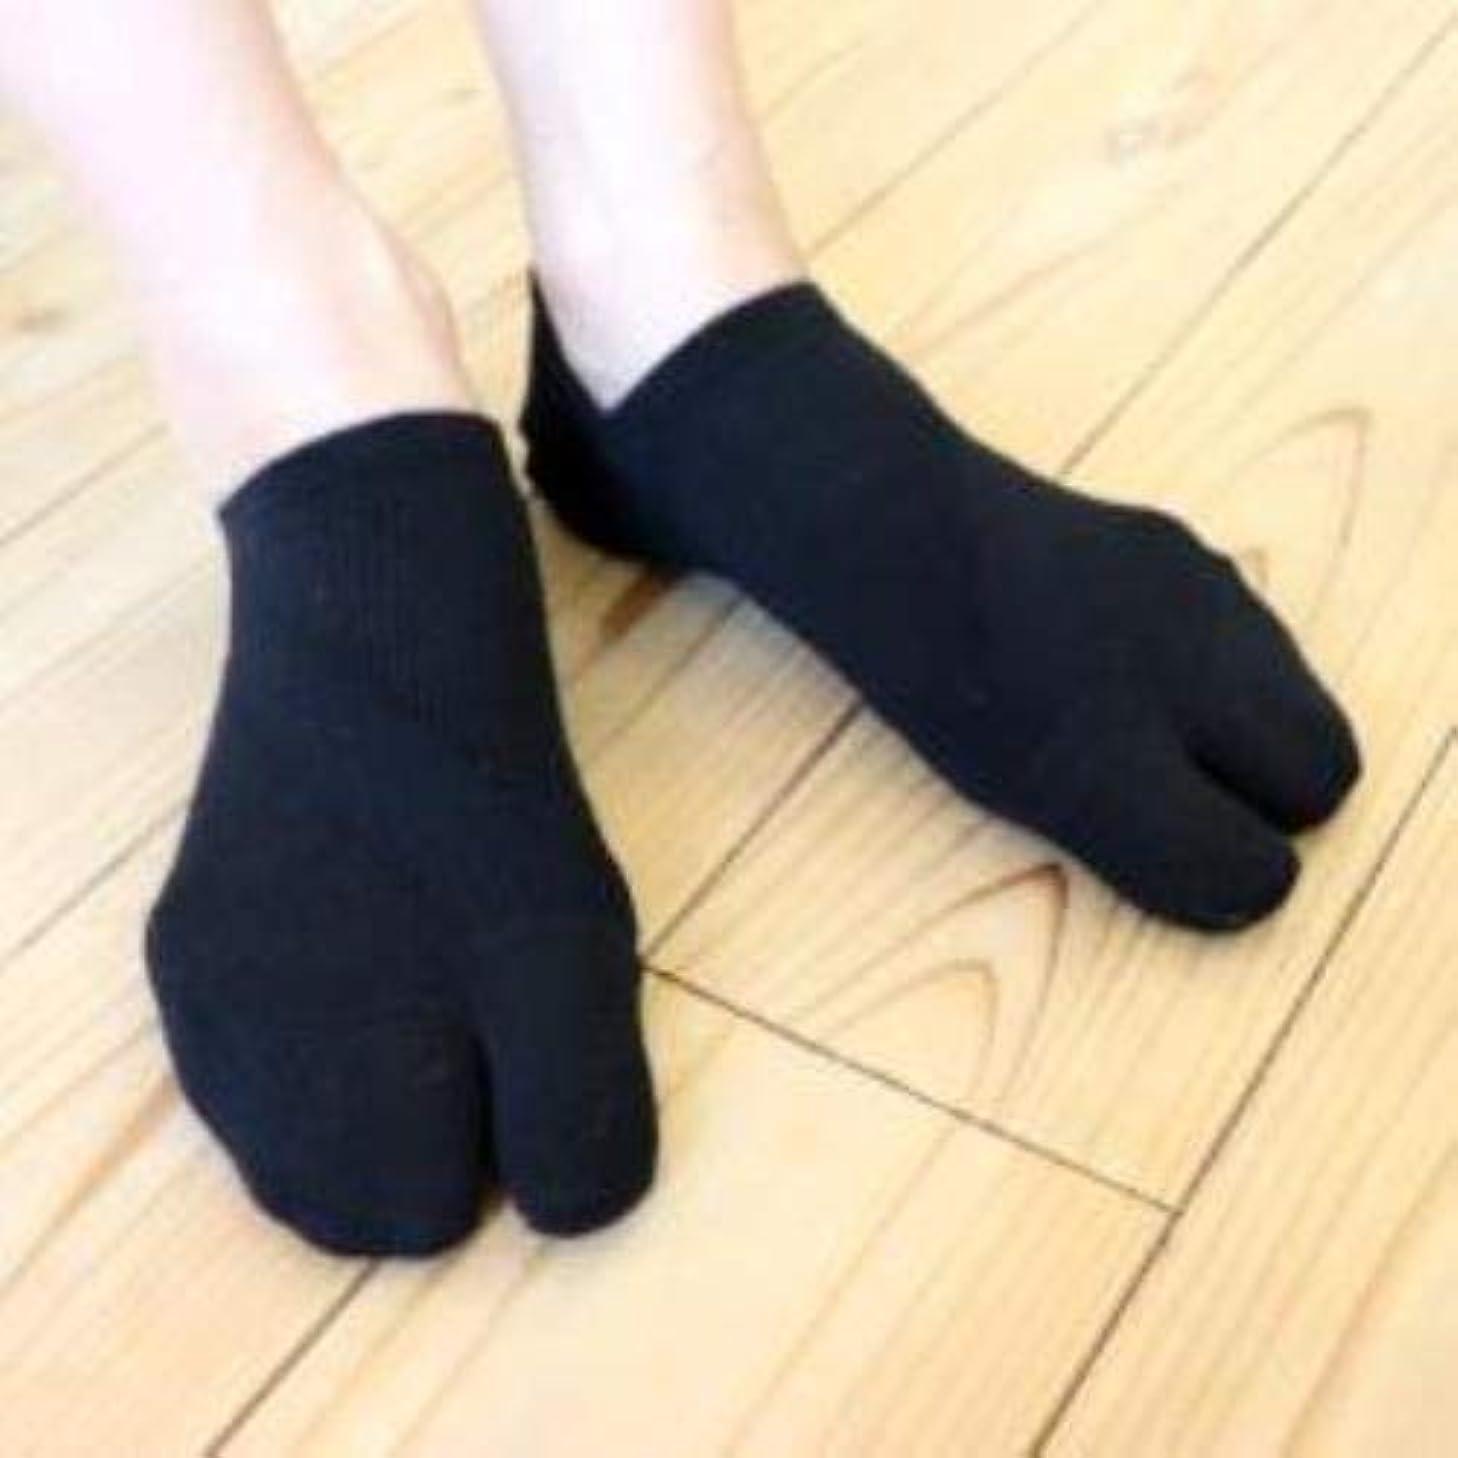 天ハウス骨髄さとう式 フレクサーソックス スニーカータイプ 黒 (L) 足袋型